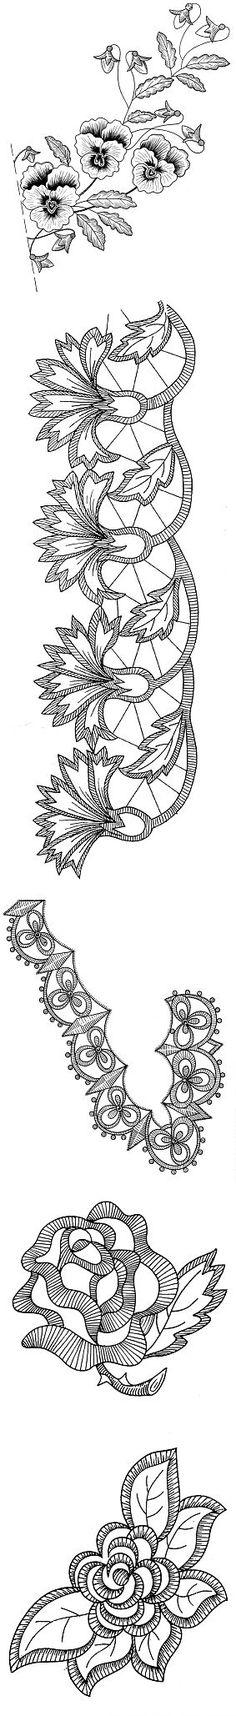 Галерея цветочных мотивов для вышивания . | ришелье бразильская вышивка | Постила